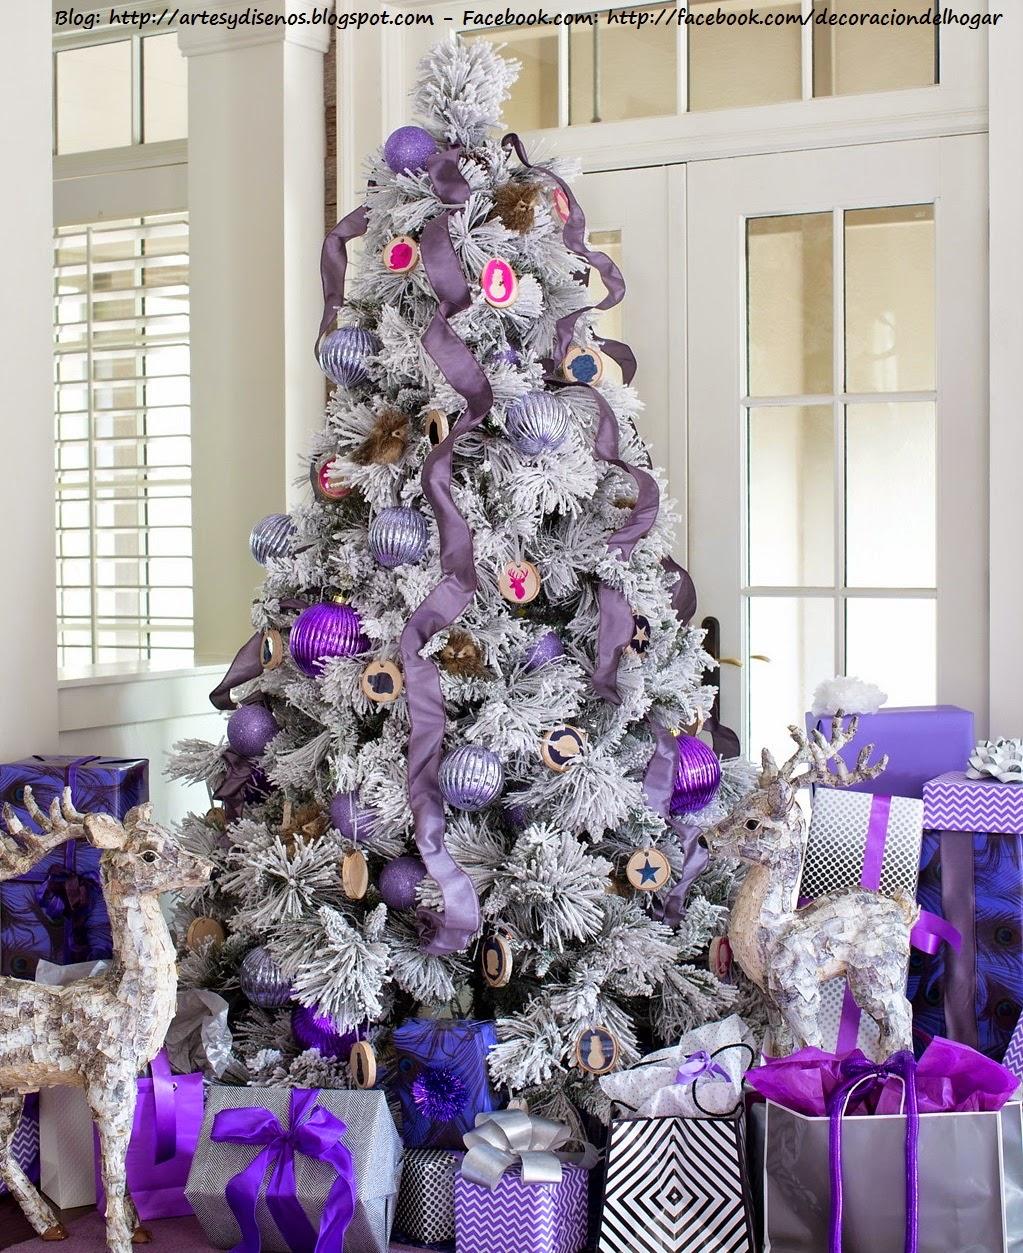 Decorar la casa para navidad con tonos lila violeta for Decoraciones de apartamentos 2016